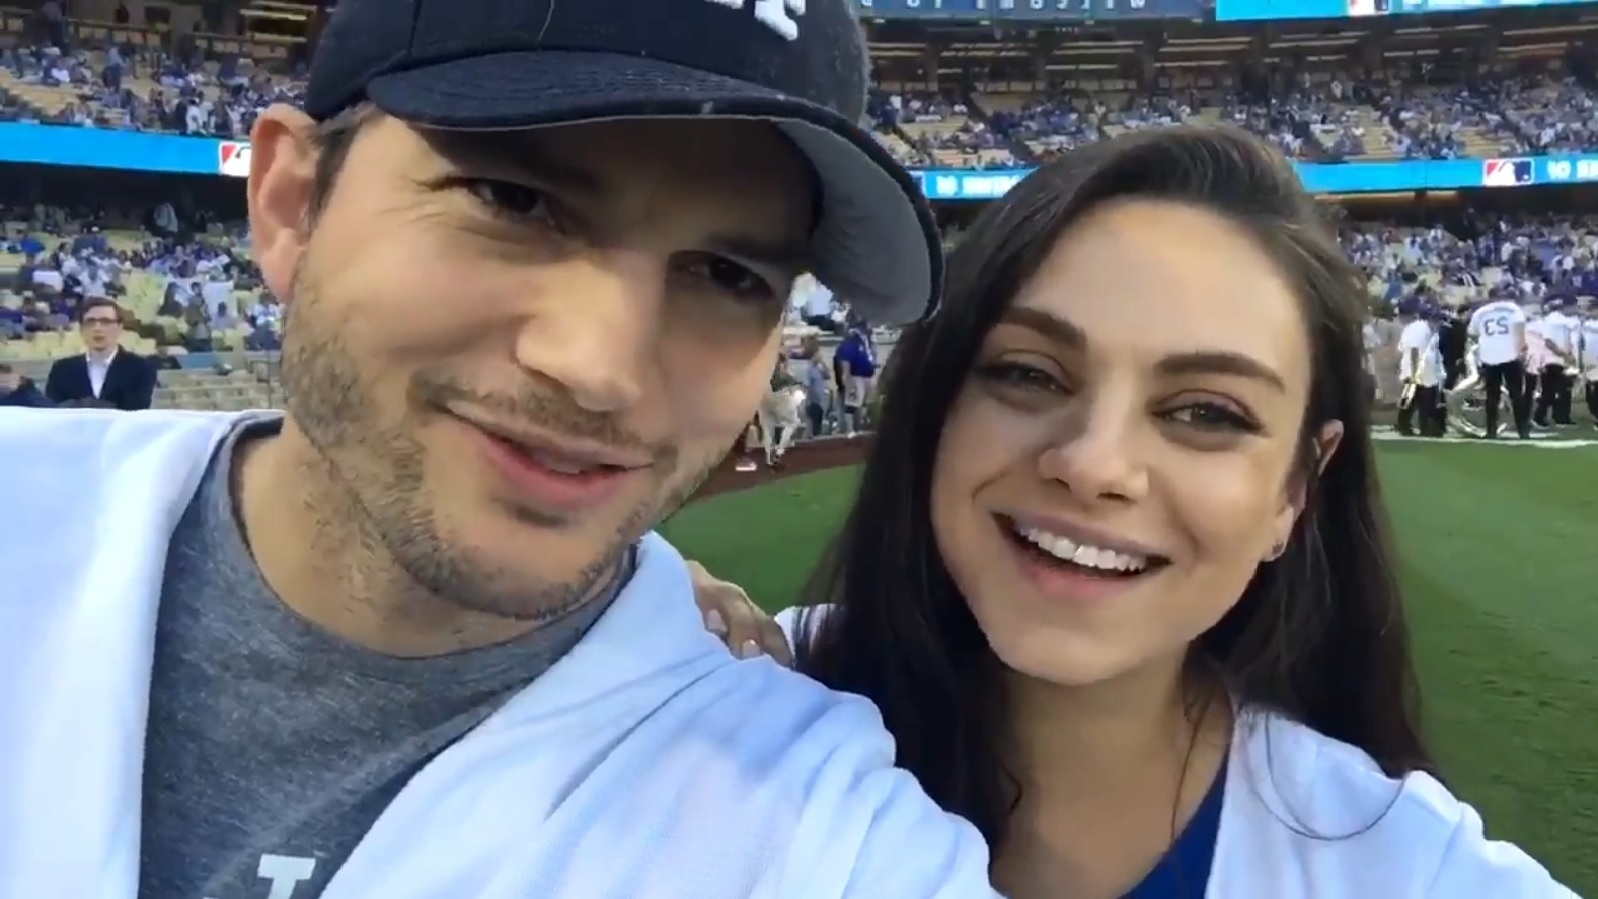 19.out.2016 - Na noite desta quarta-feira, Ashton Kutcher e Mila Kunis assistiram juntos ao jogo do Los Angeles Dodgers e entraram no campo para tirar fotos com os jogadores